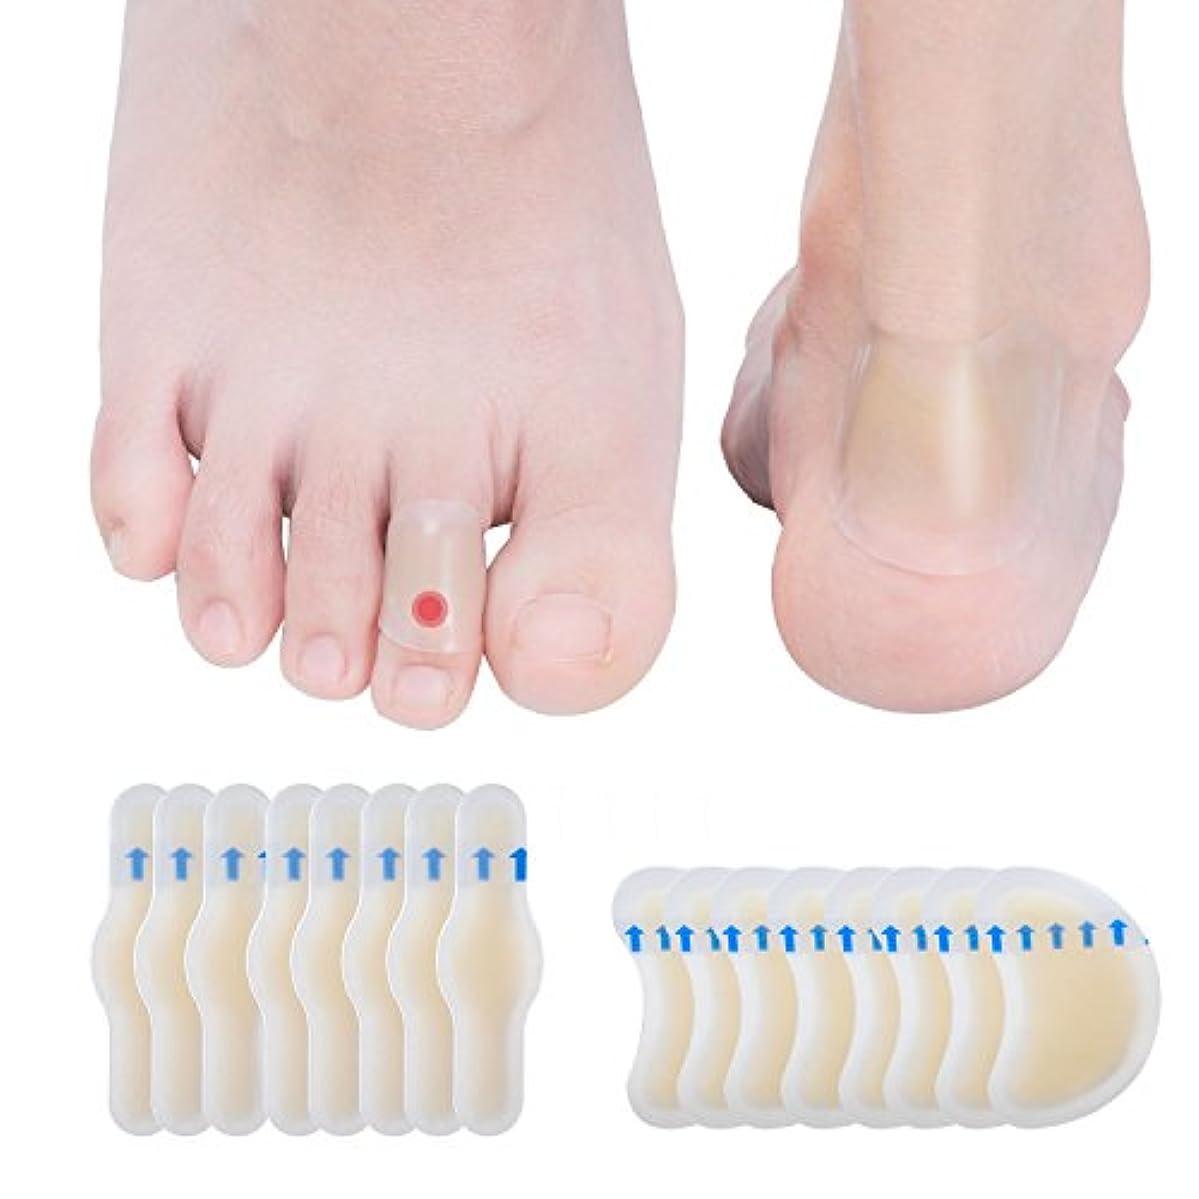 Sumifun タコ?ウオノメ除去用 ワンステップ 足の指用 キズパワーパッド 大きめサイズ 16枚